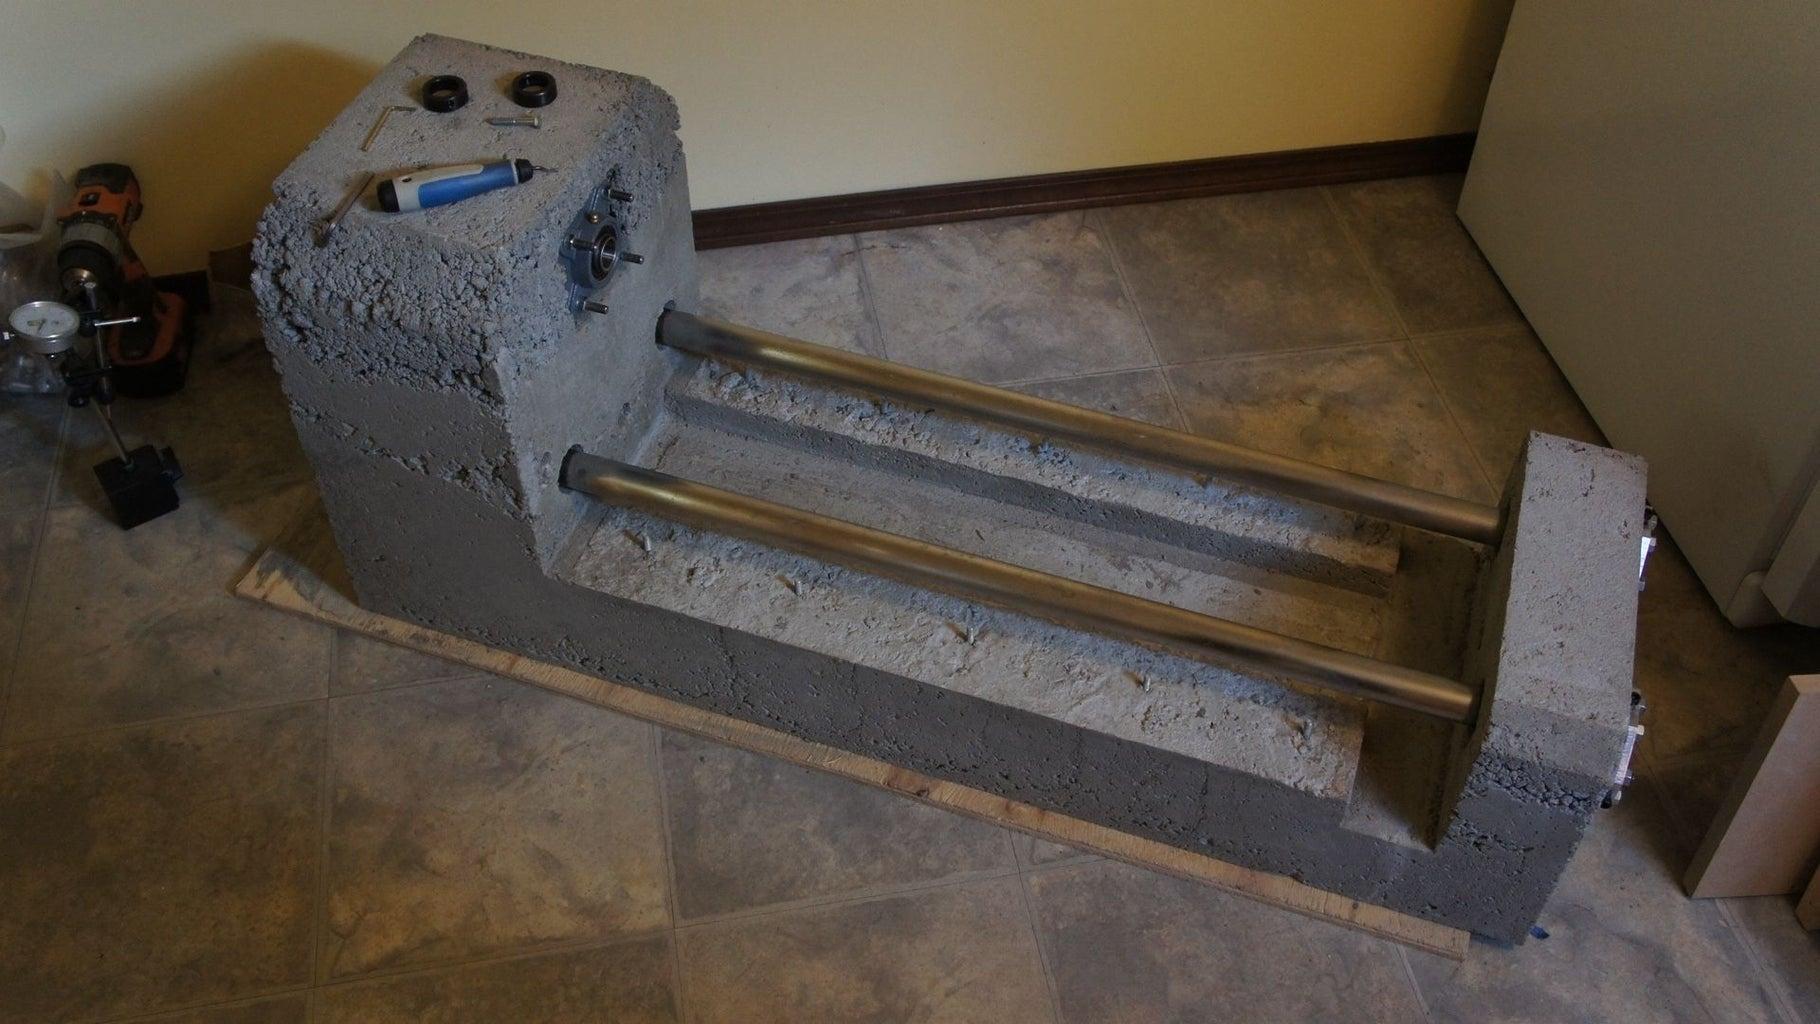 The Concrete Form